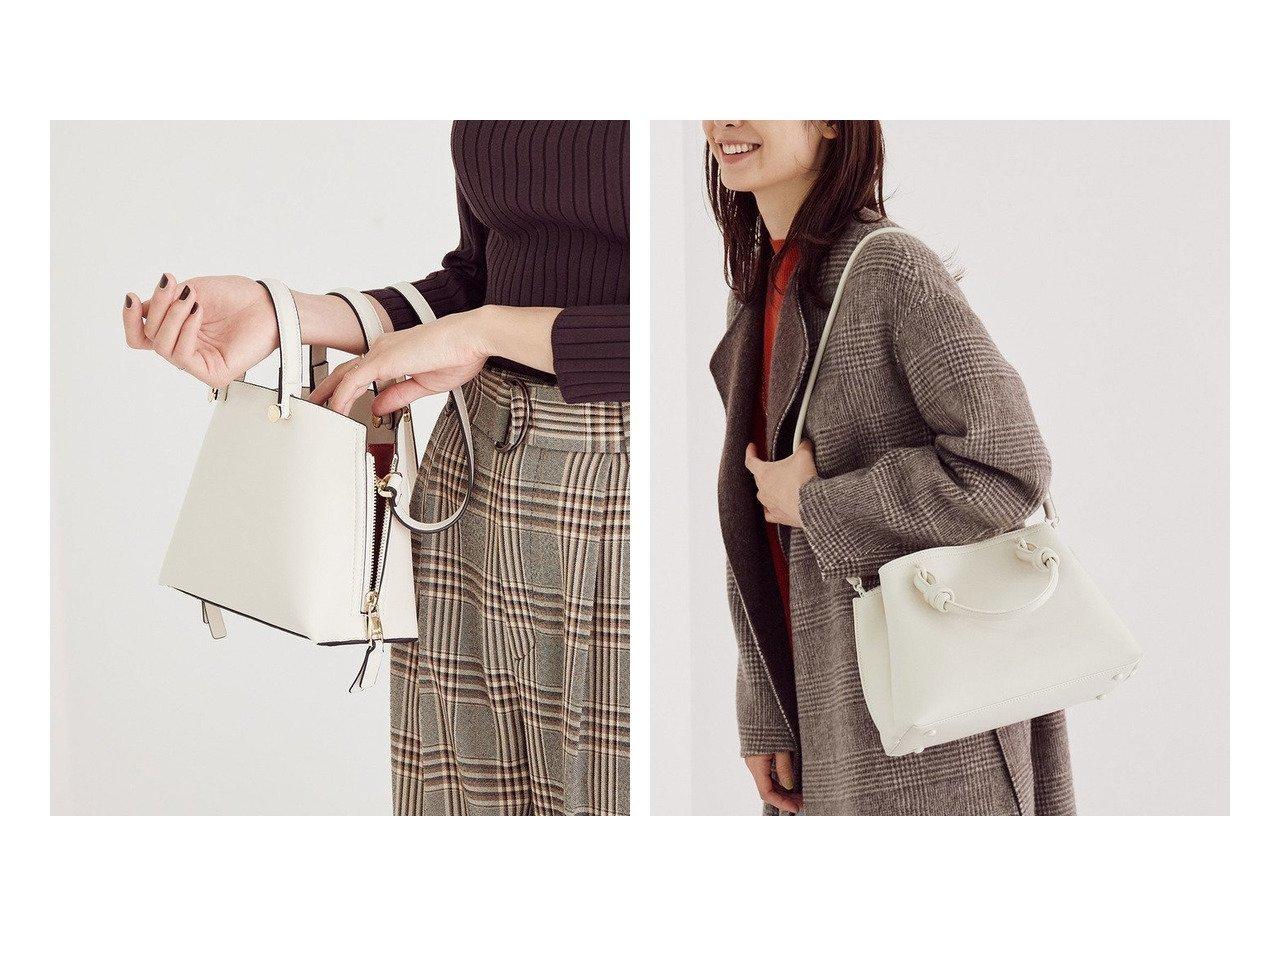 【ROPE/ロペ】のノットハンドルミドルトートバッグ&【新色追加】サイドジップミニショルダーバッグ バッグ・鞄のおすすめ!人気、レディースファッションの通販 おすすめで人気のファッション通販商品 インテリア・家具・キッズファッション・メンズファッション・レディースファッション・服の通販 founy(ファニー) https://founy.com/ ファッション Fashion レディース WOMEN バッグ Bag ジップ ベーシック 人気 軽量 トレンド マグネット |ID:crp329100000004925